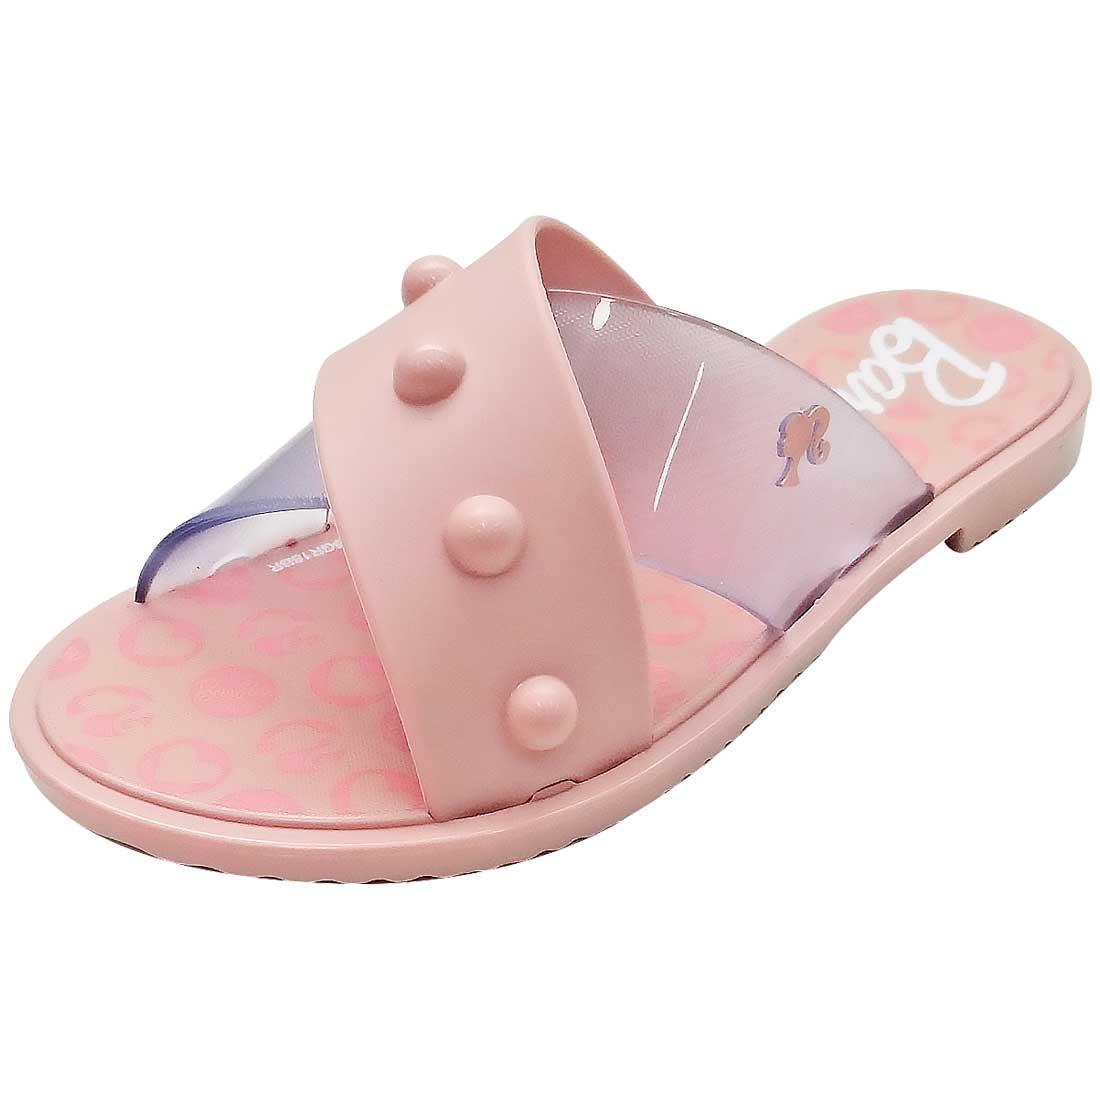 Sandália Barbie Glam - Rosa Bebê e Cristal